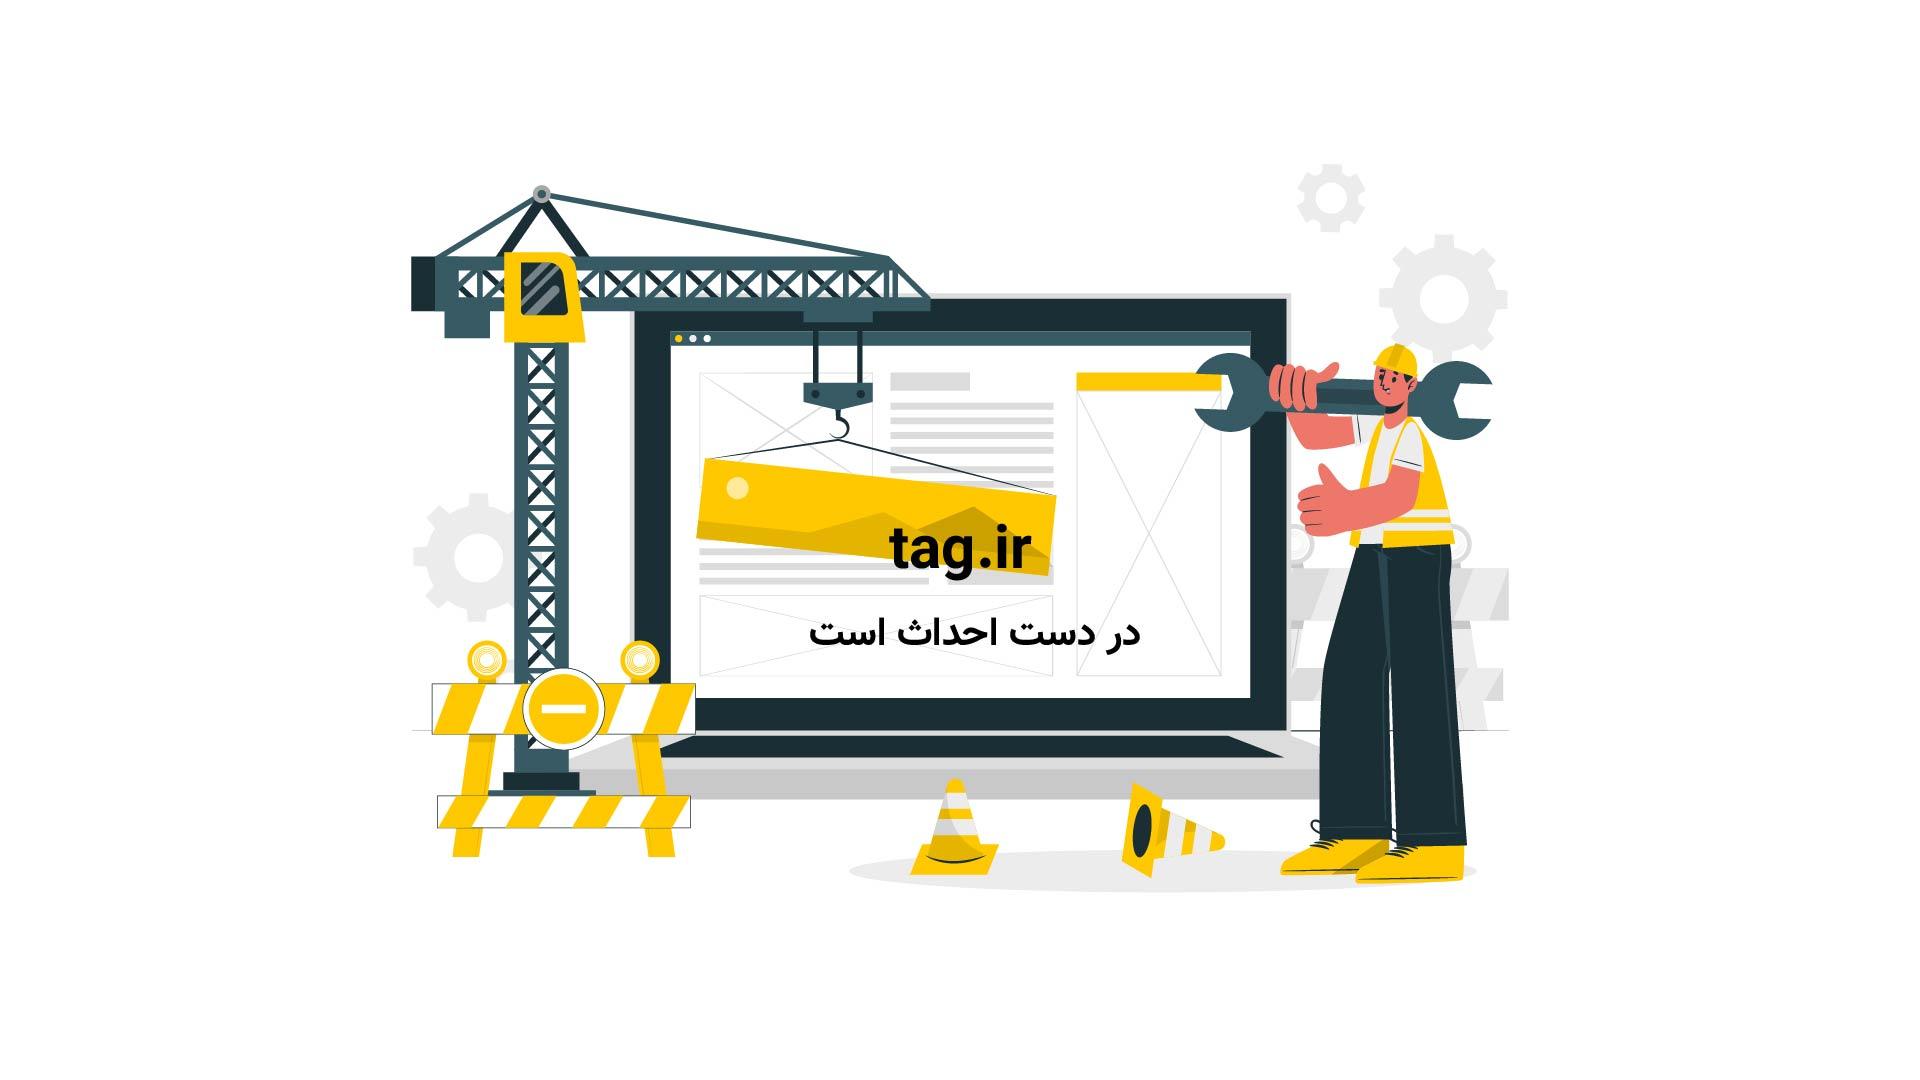 نظر اکرم محمدی درباره سریالهای نمایش خانگی | فیلم